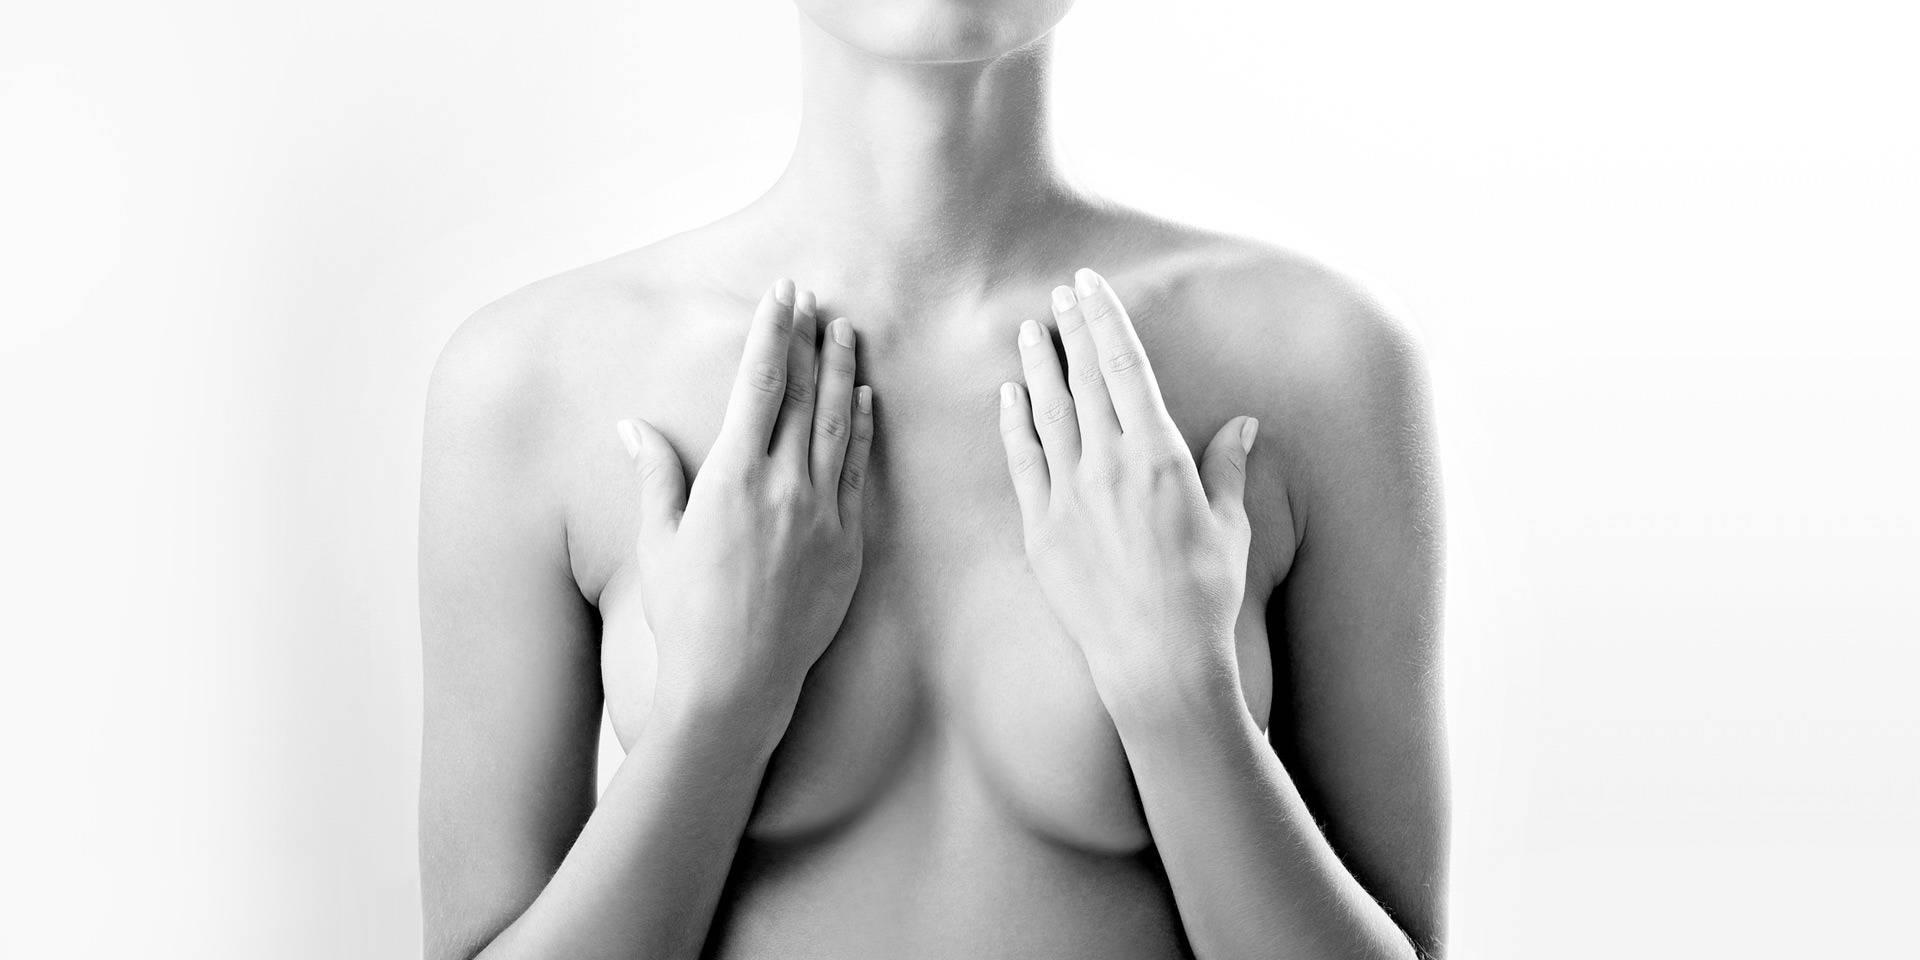 6 правил, которые помогут сохранить грудь упругой и подтянутой